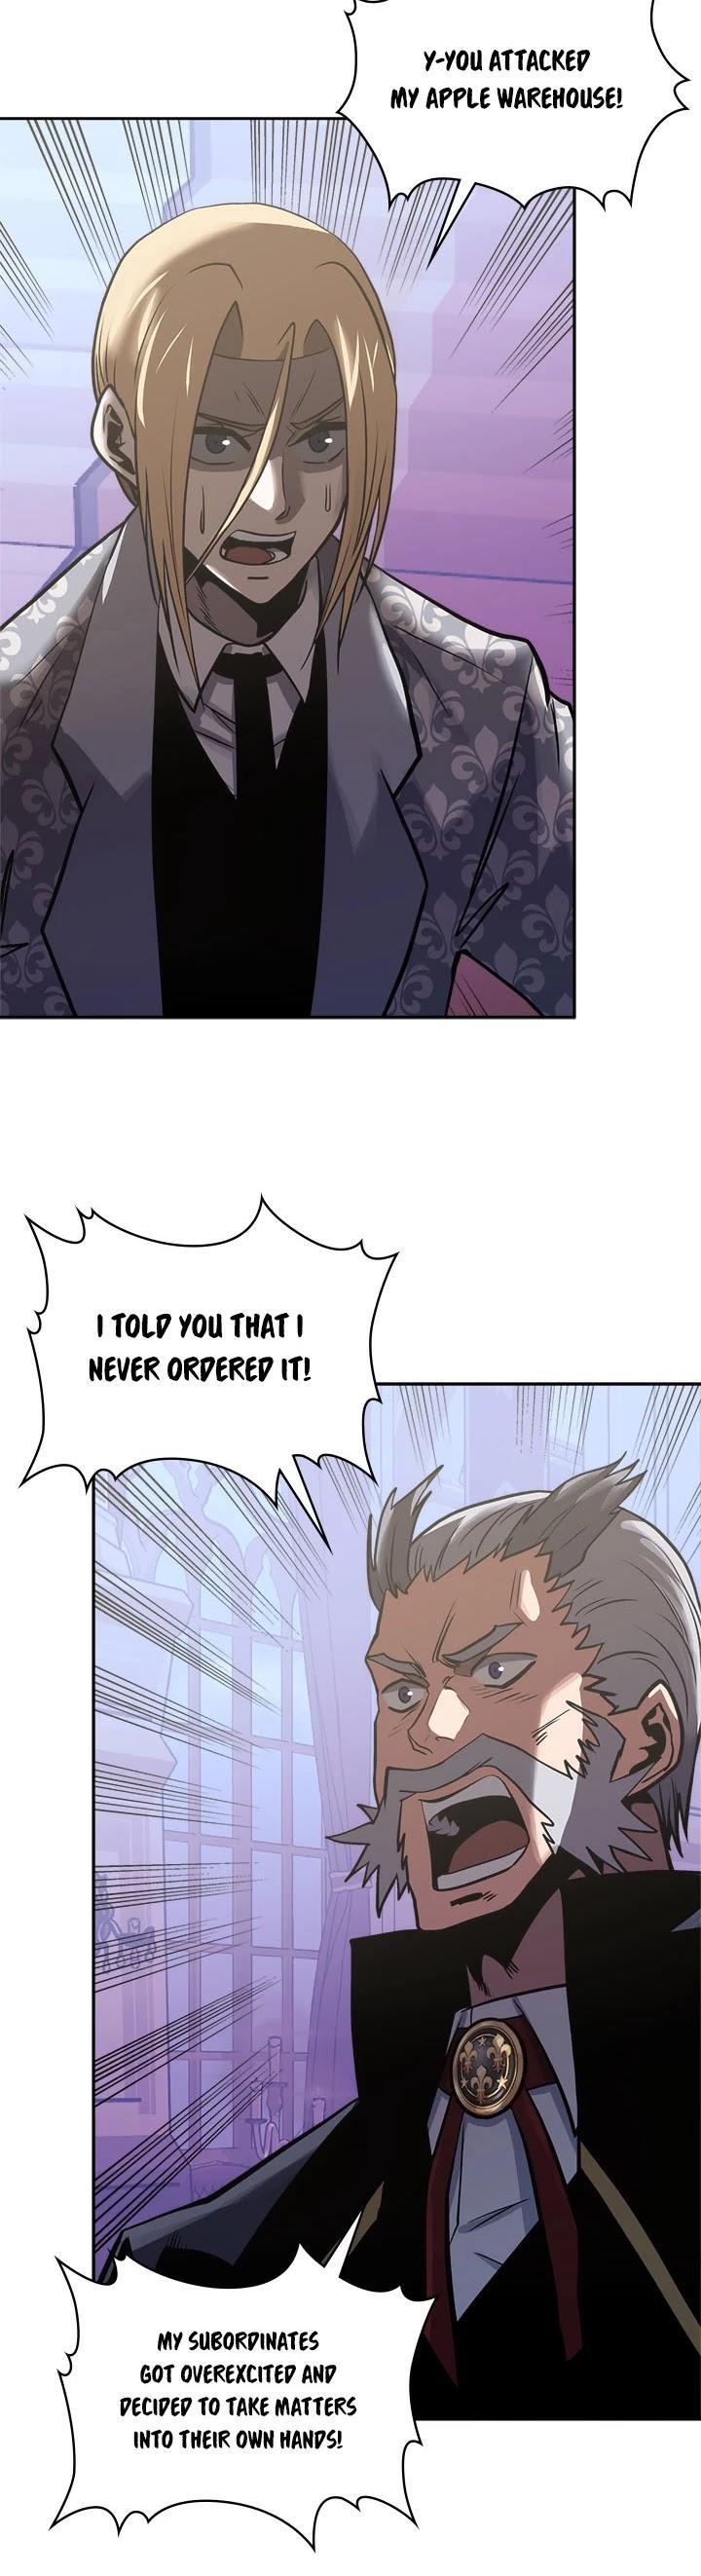 Other World Warrior Chapter 171: Season 4 Ch 59 page 7 - Mangakakalot